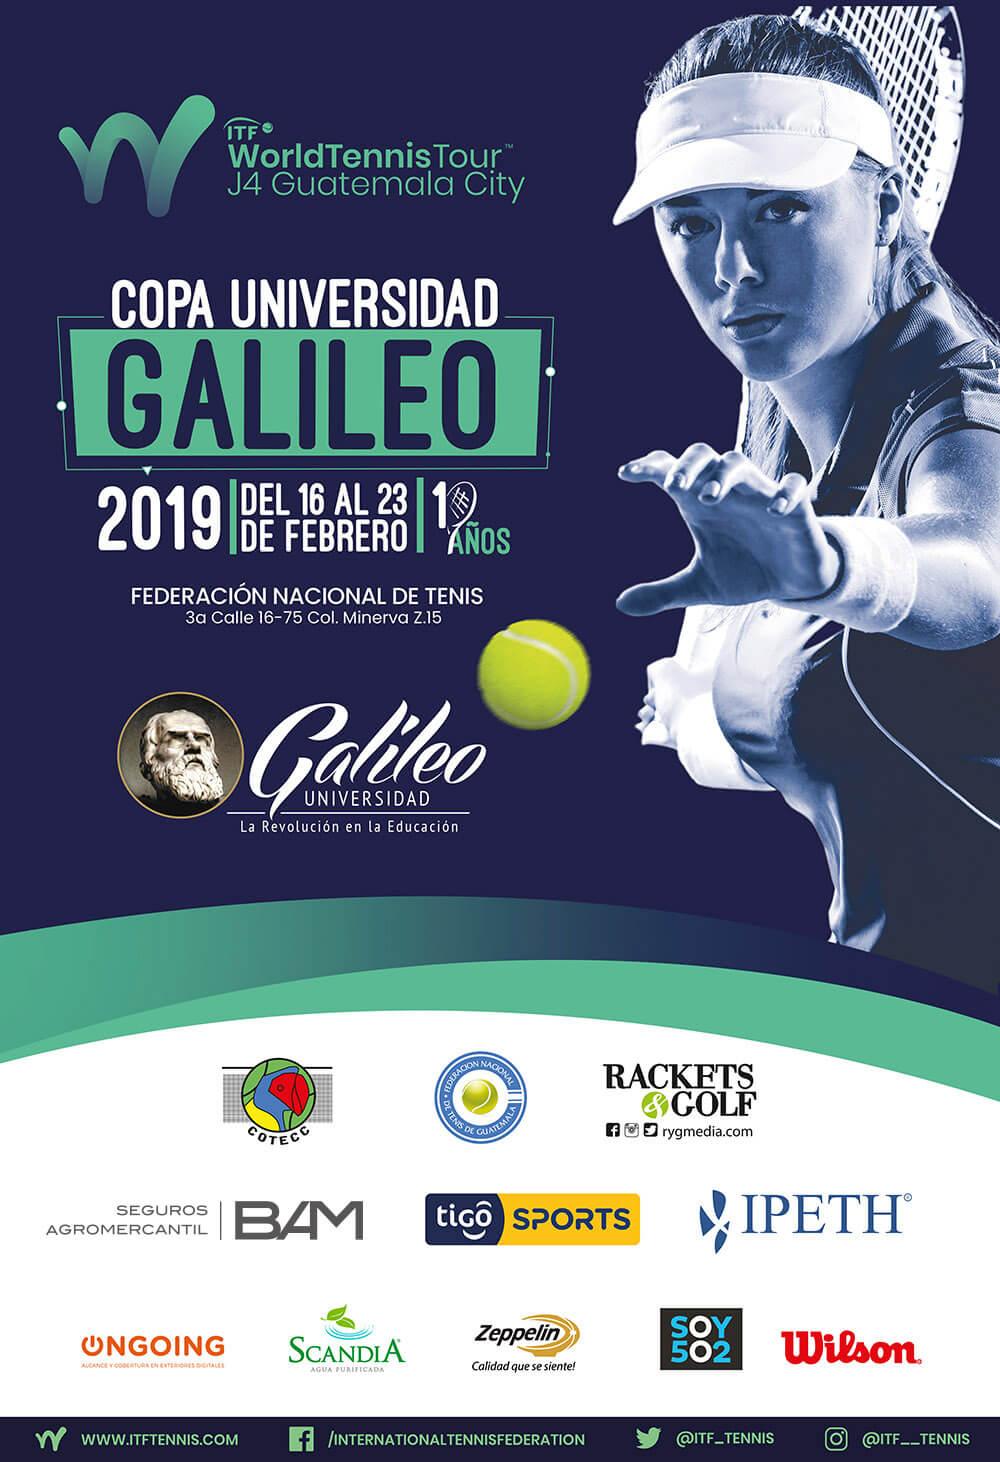 GALILEO 2019